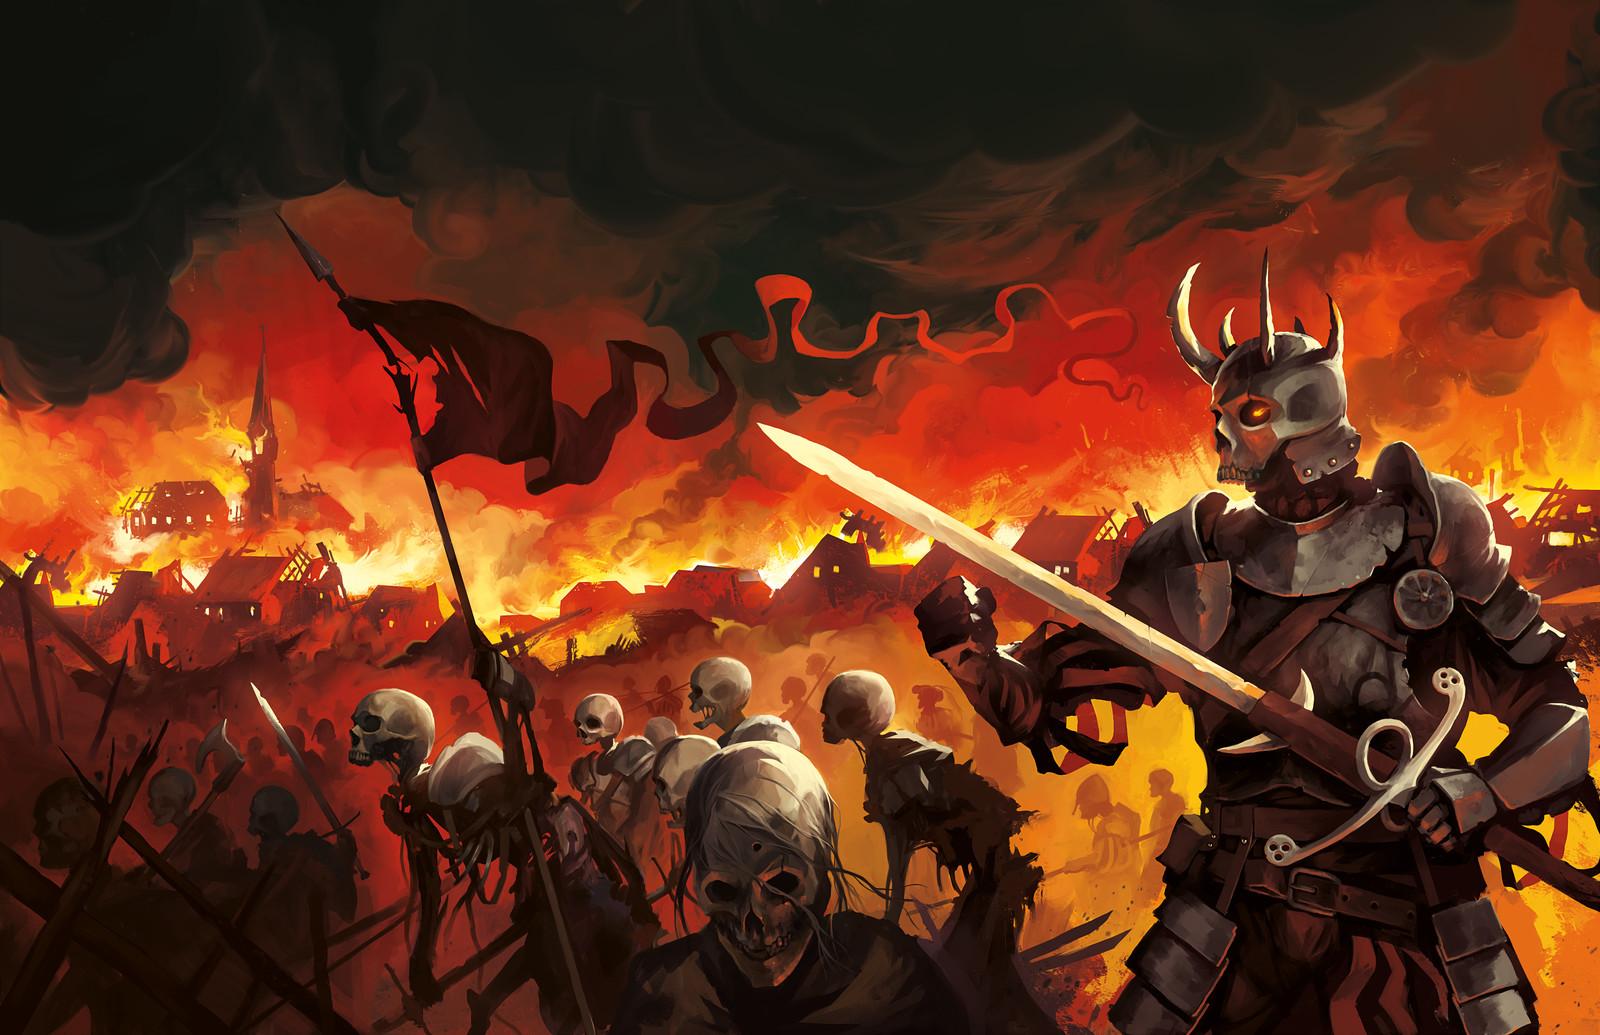 The Devil's Landsknecht